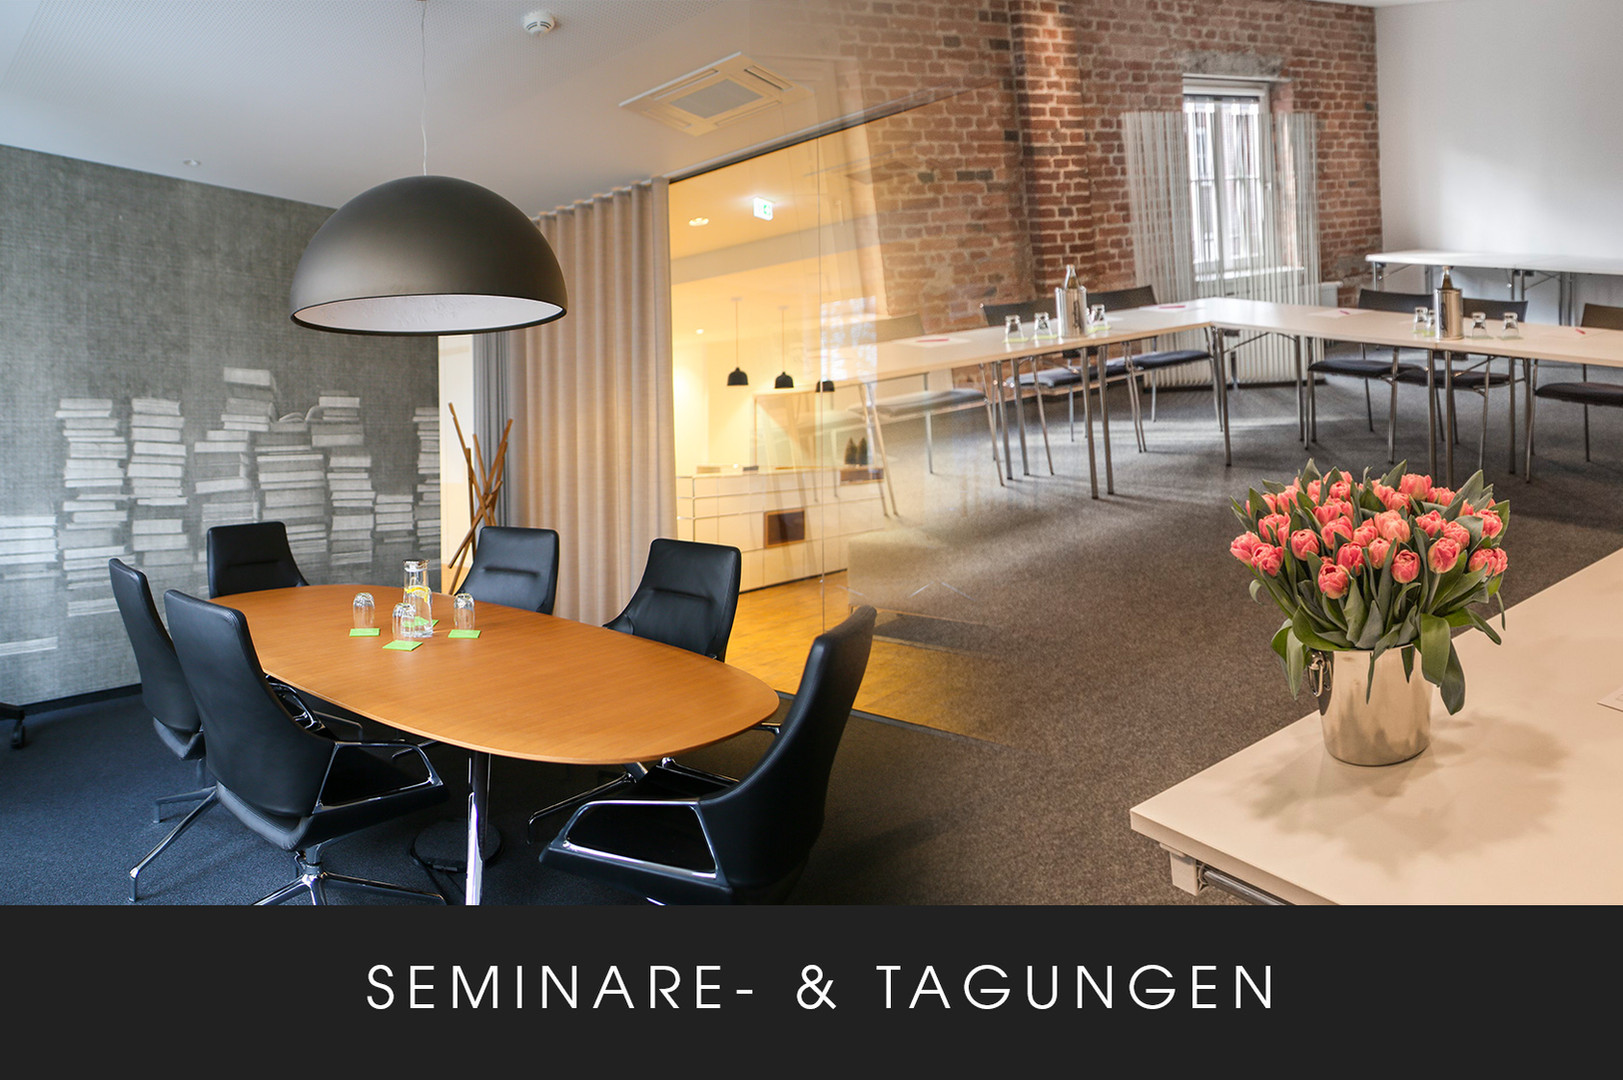 Seminare & Tagungen